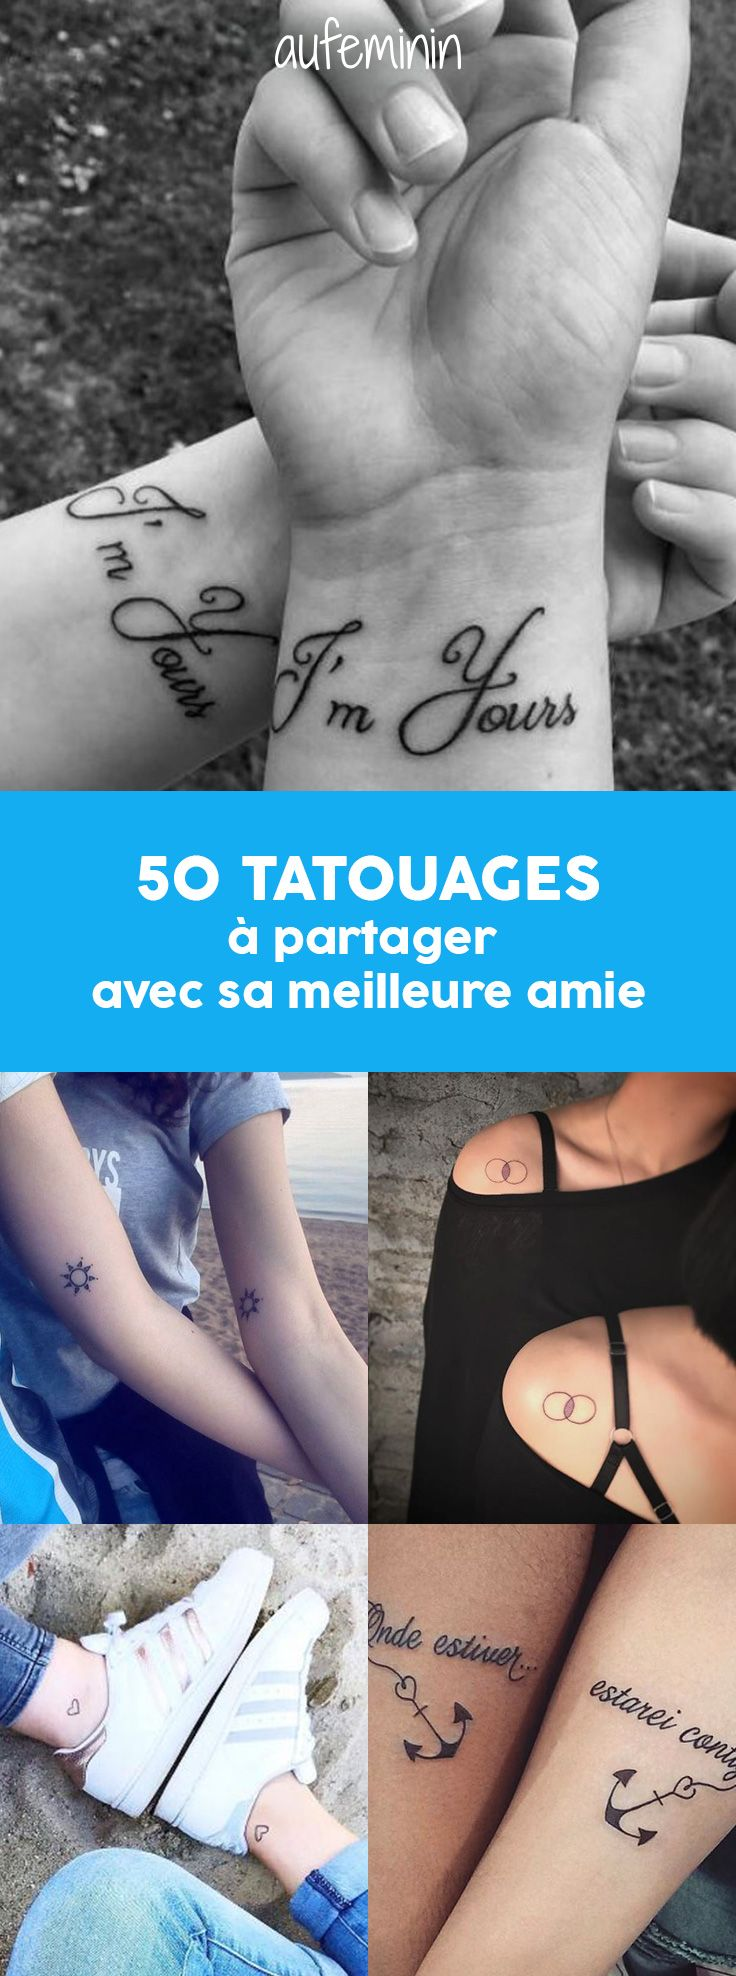 Envie d'un tattoo à partager avec sa meilleure copine ? Découvrez notre sélection de tatouages de l'amitié, de jolis motifs pour graver votre complicité.